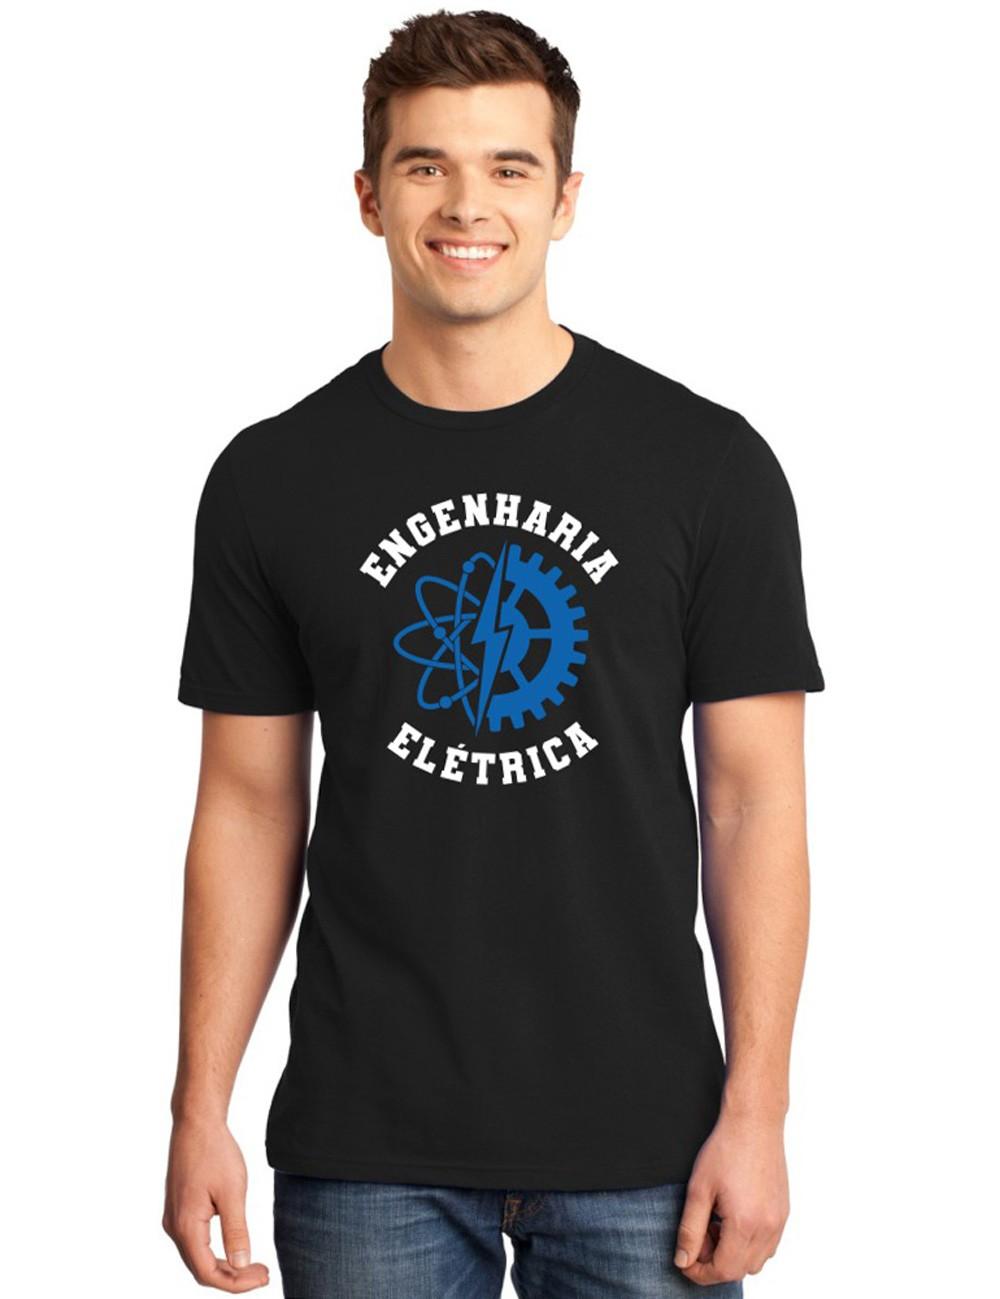 Camiseta Masculina Universitária Faculdade Engenharia Elétrica